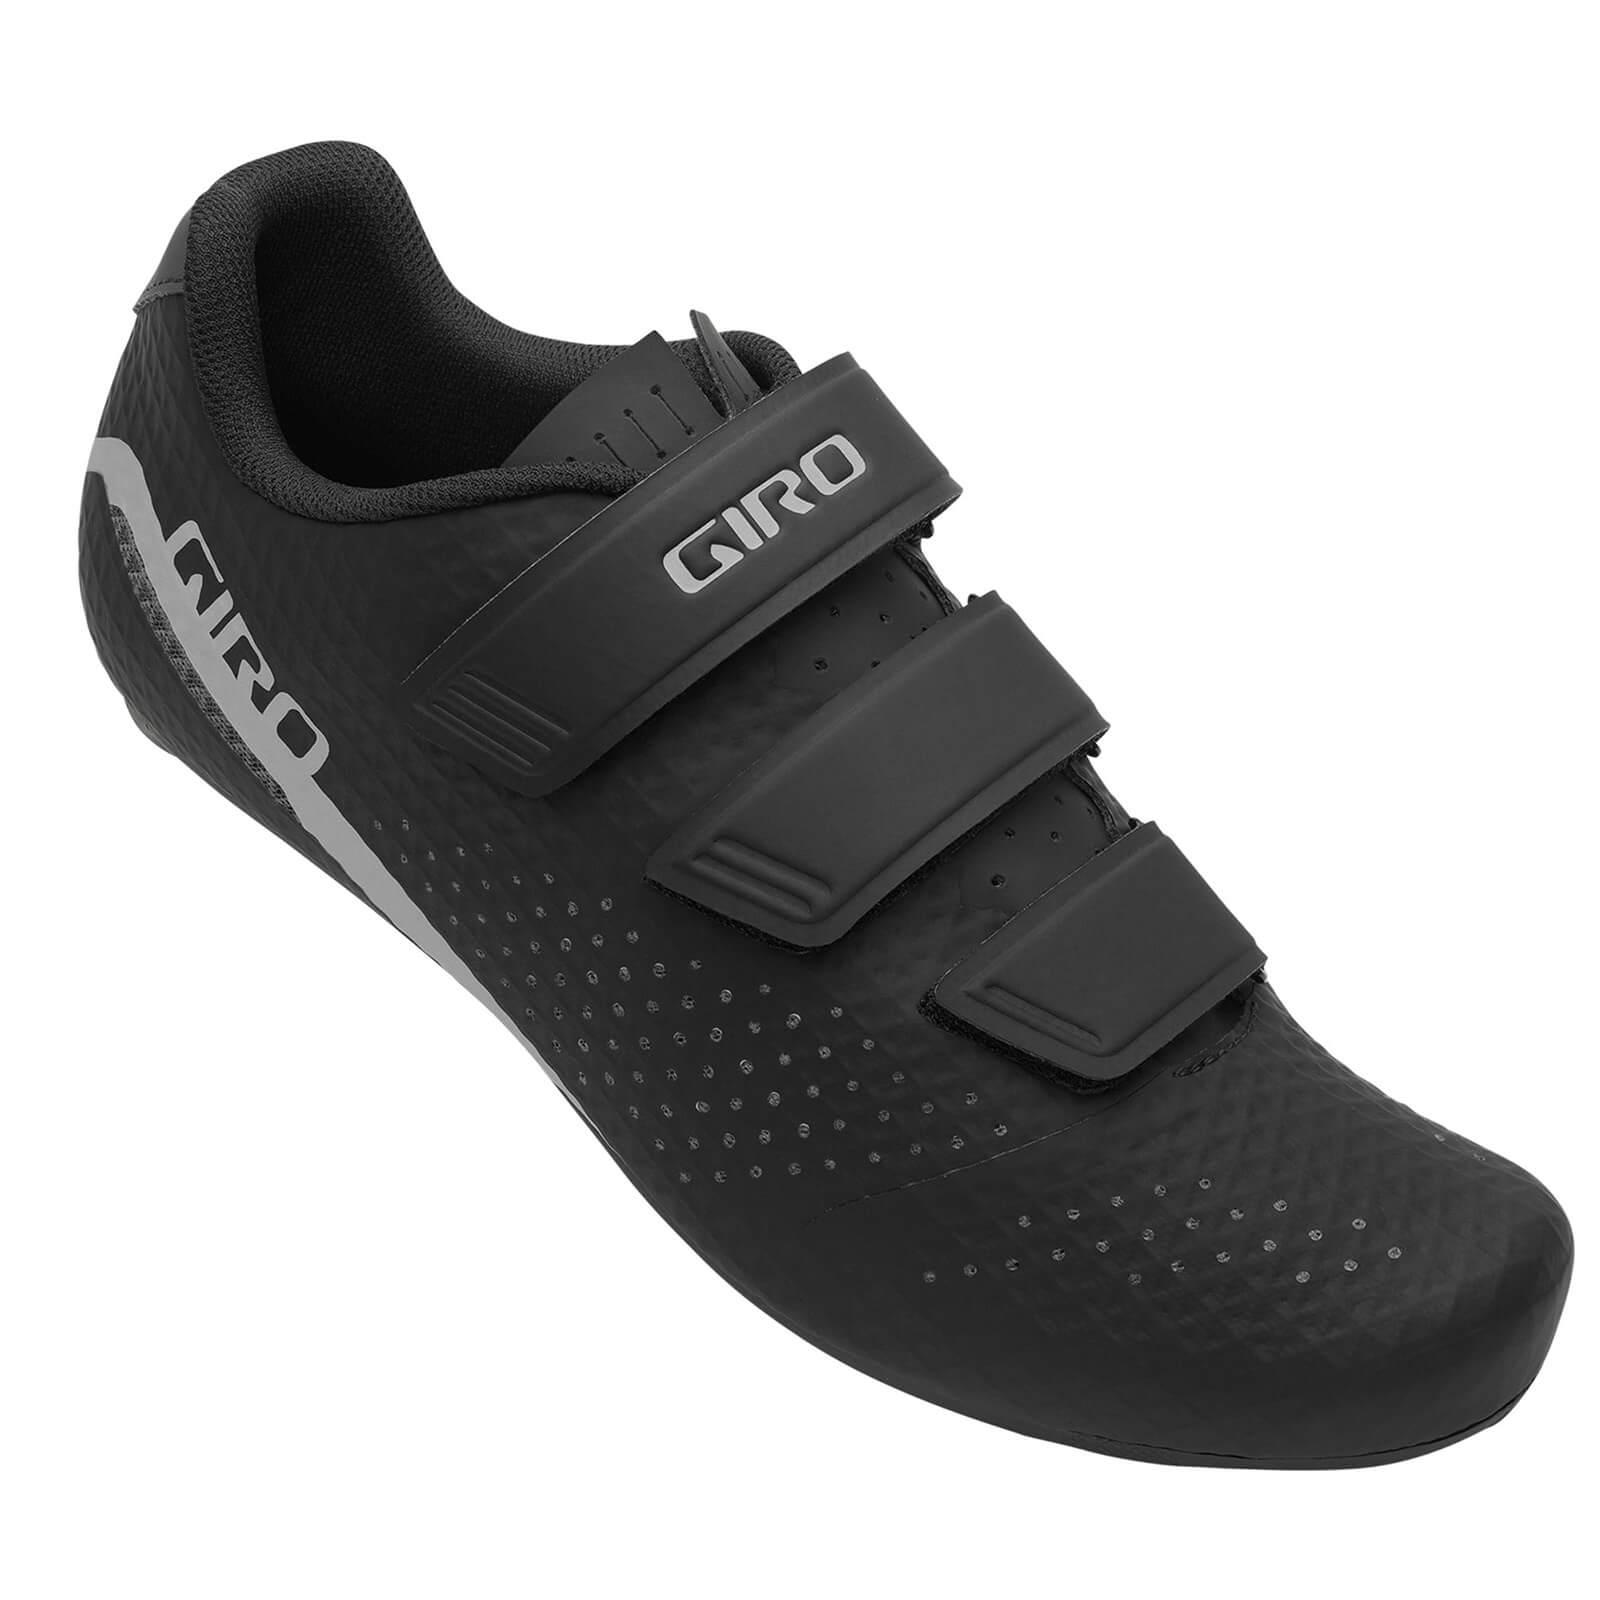 Giro Stylus Road Shoe - EU 41 - Schwarz